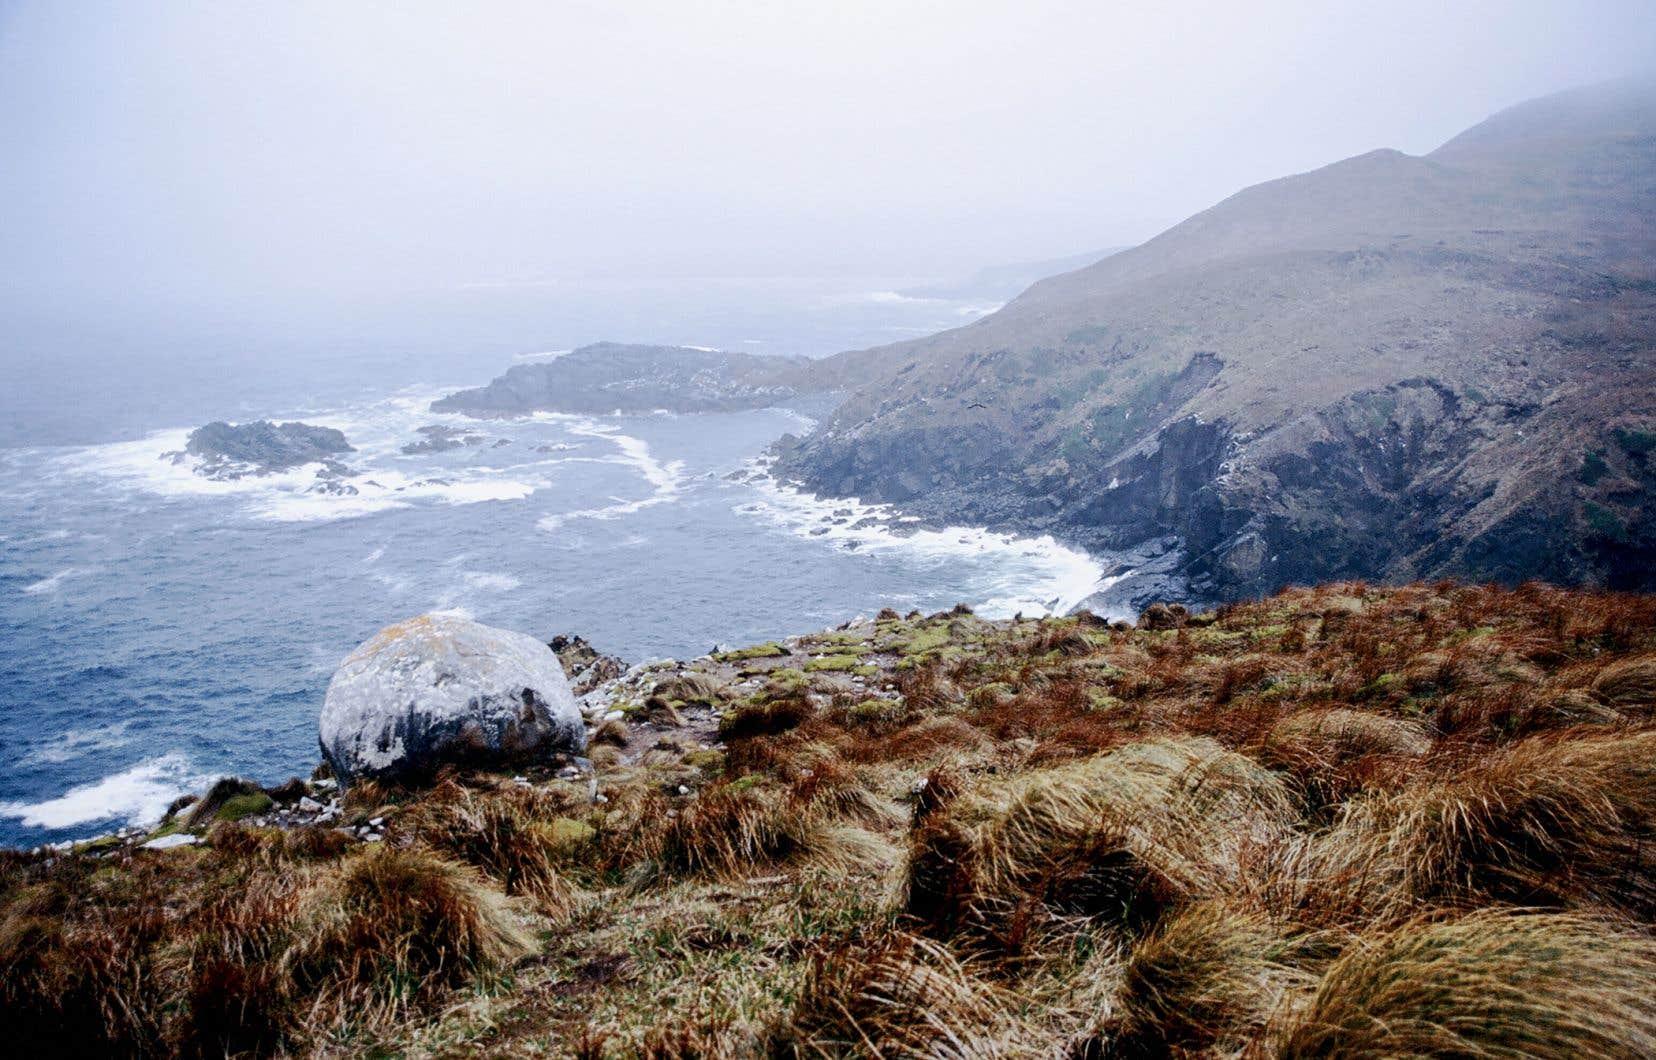 Le cap Horn situé à l'extrémité sud de l'île Horn, dans la partie chilienne de l'archipel de la Terre de Feu (image tirée du livre «Un monde à voir» de Carolyne Parent)